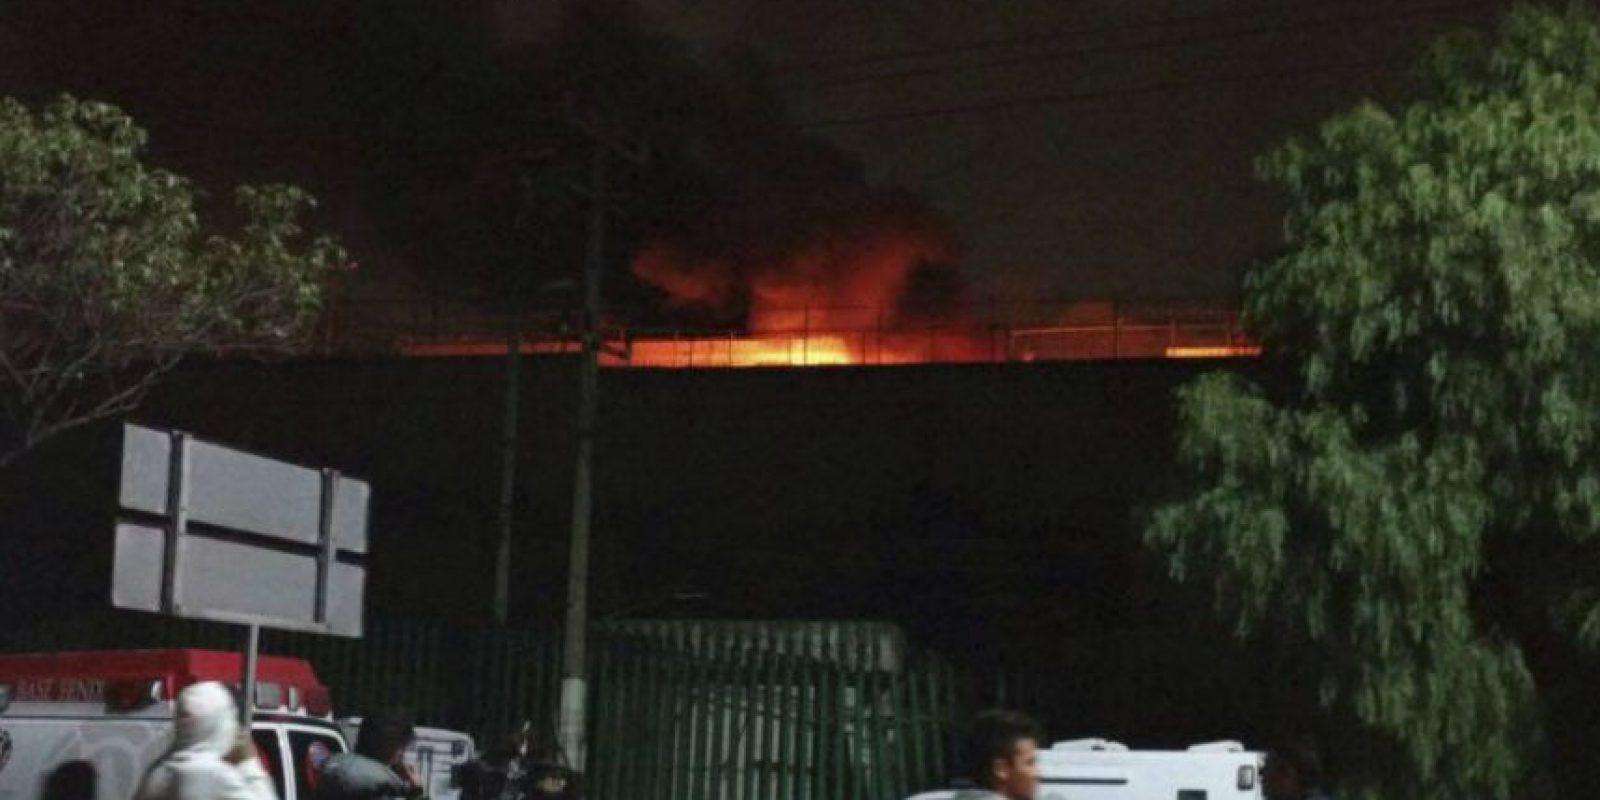 Familiares de los reos escucharon desde las puertas de entrada las explosiones producto del incendio. Foto:Cuartoscuro